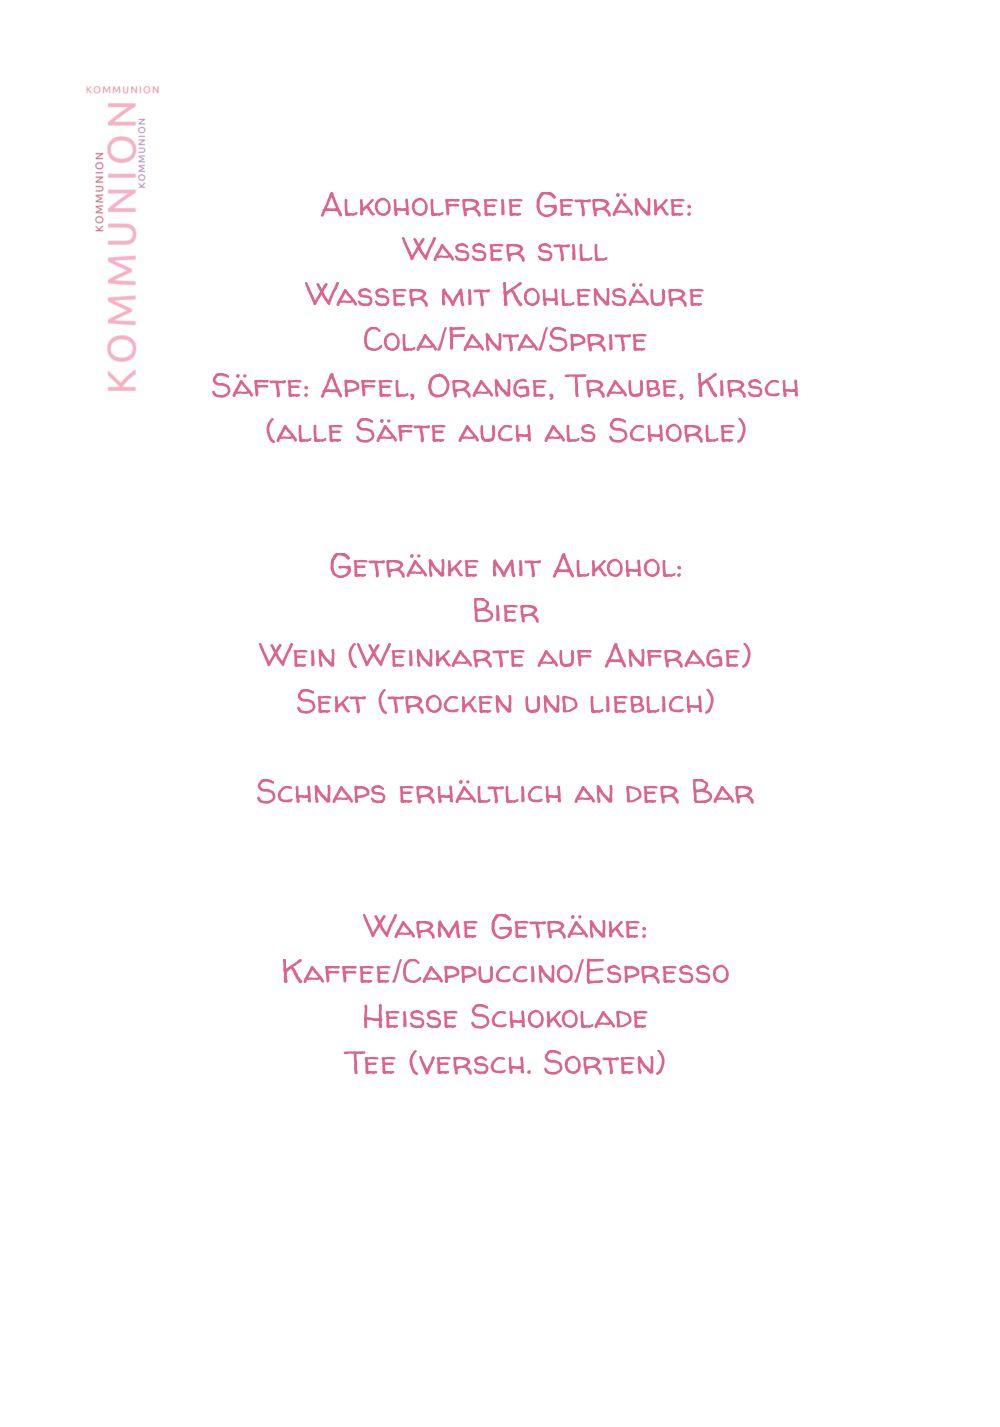 Ansicht 4 - Kommunion Menükarte Script